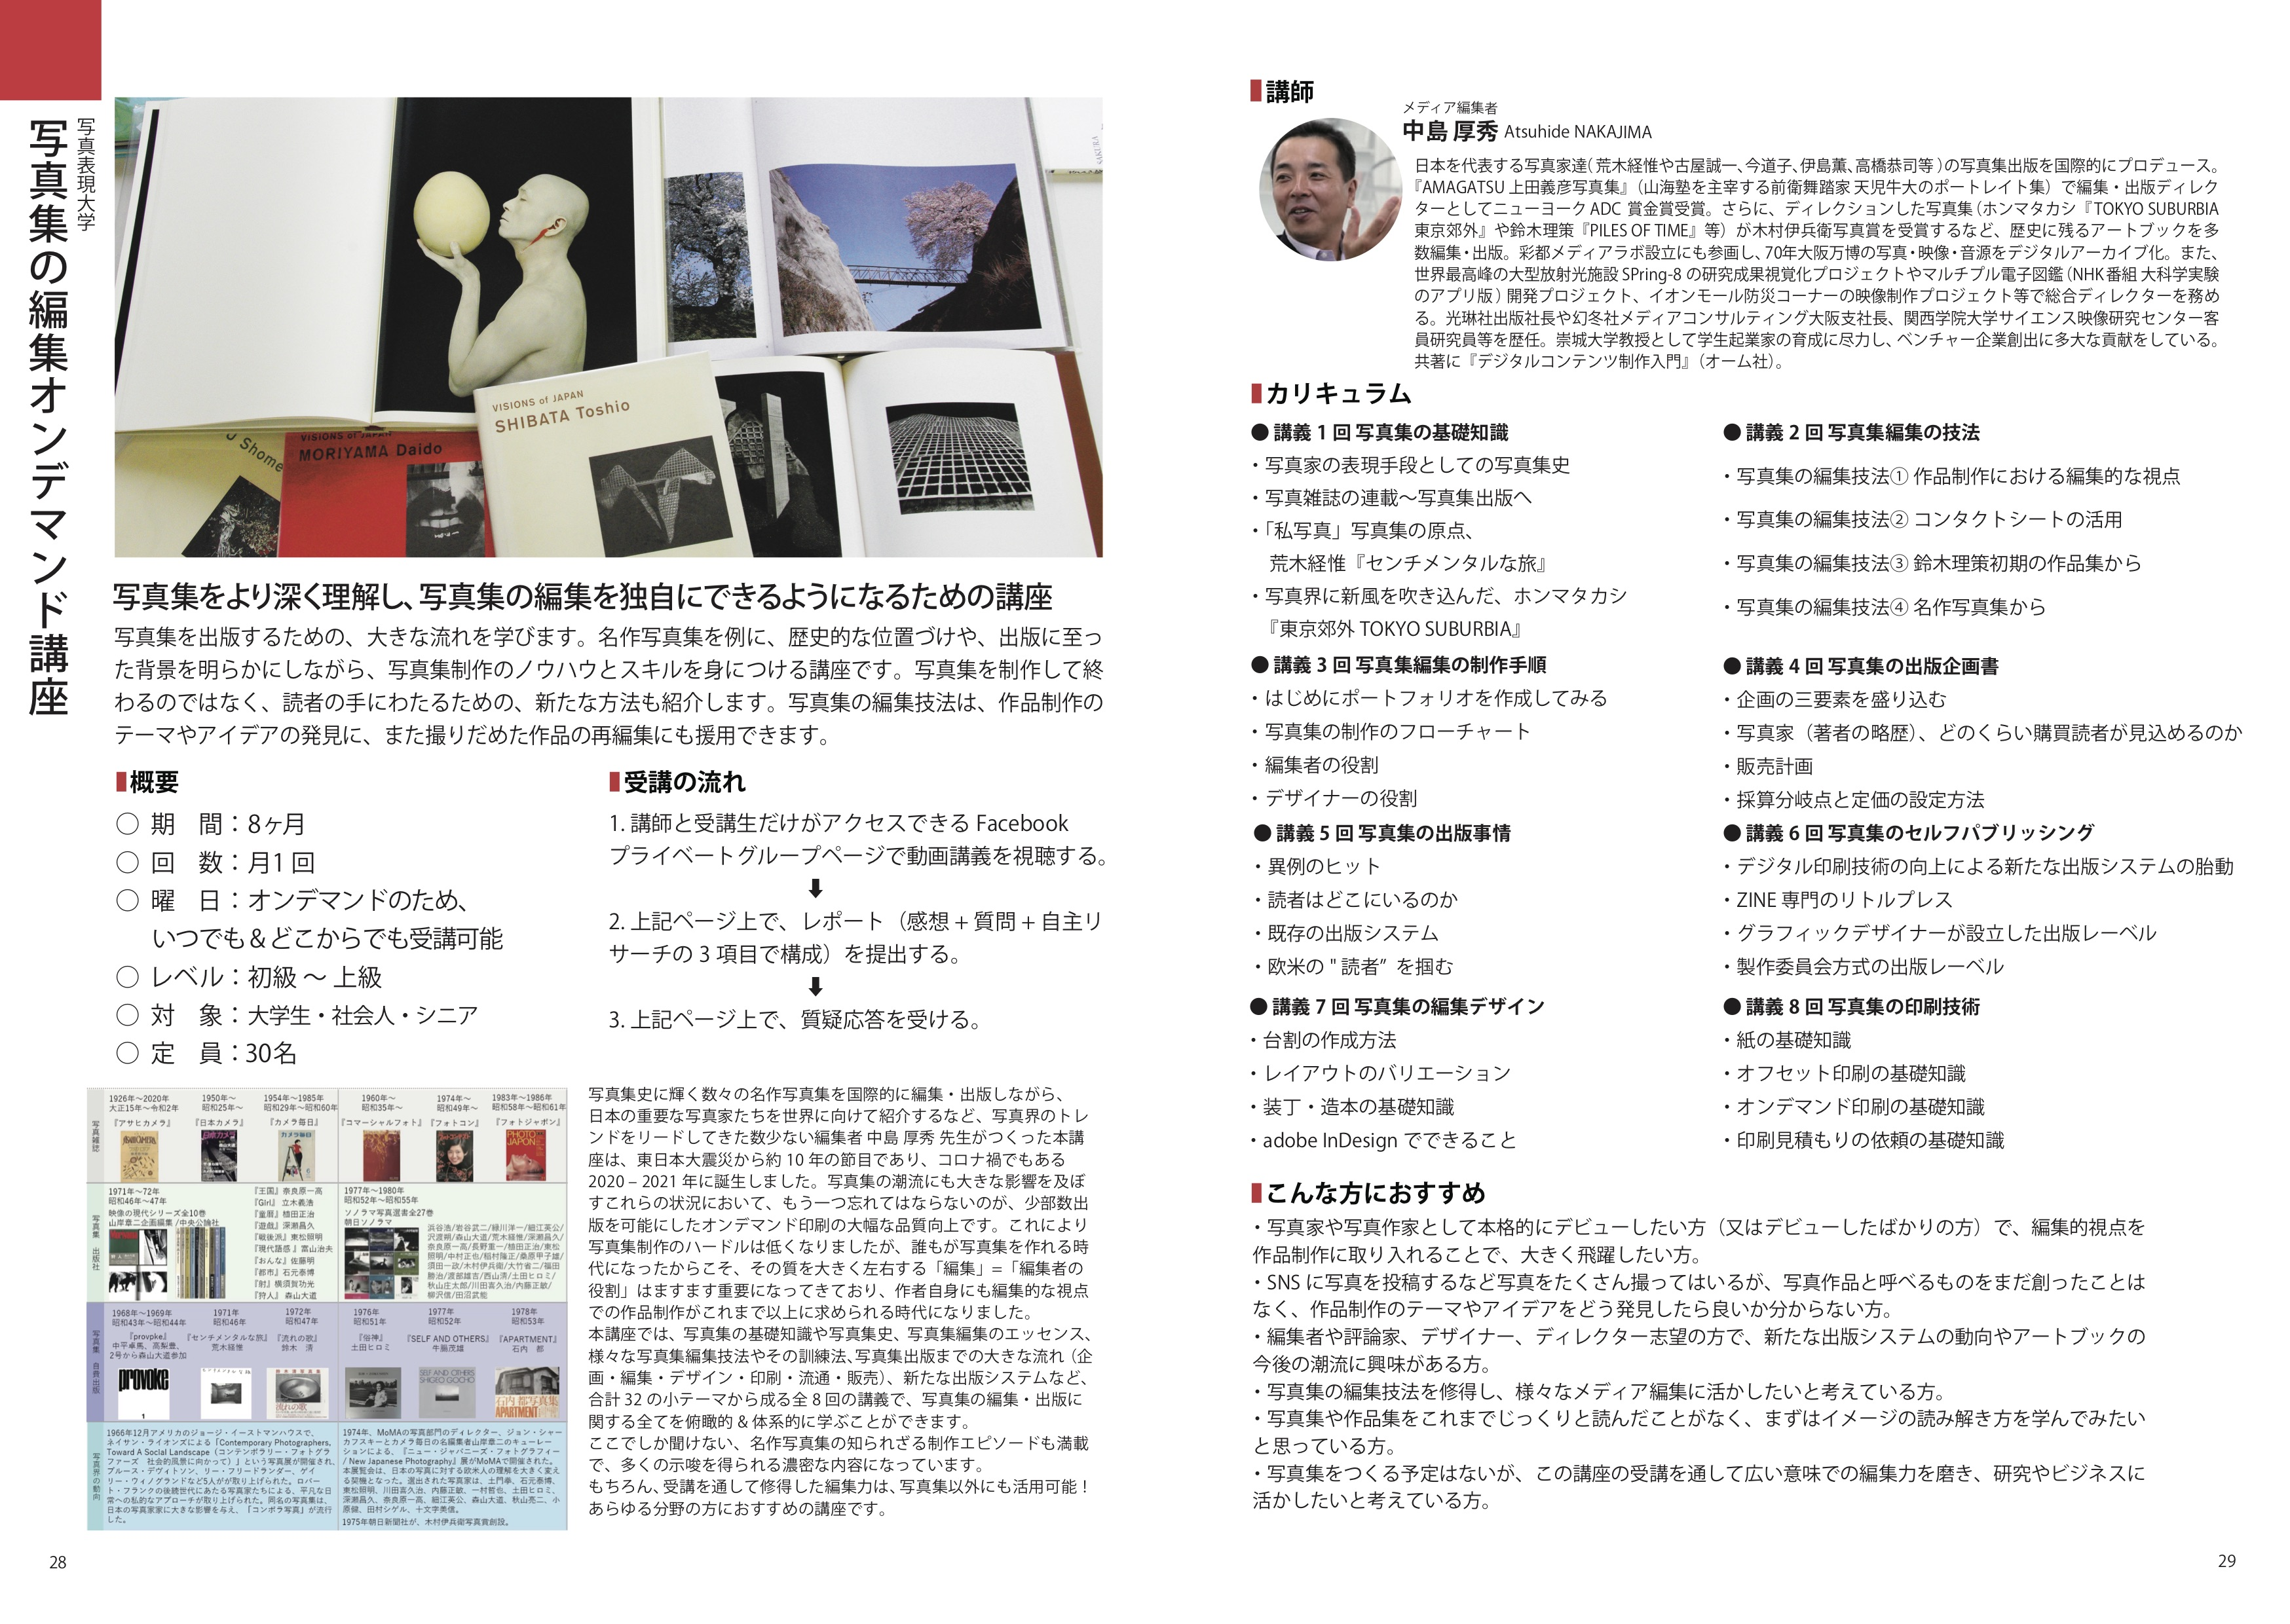 日本を代表する編集者の中島 厚秀 先生(荒木経惟や古屋誠一、鈴木理策、ホンマタカシ、今道子、伊島薫、高橋恭司など、写真集史に輝く数々の名作写真集を国際的に編集・出版)が特別につくった講座。テキストを見ながら動画を視聴することで、写真集出版の大きな流れや写真集制作のノウハウ&スキルなどを身につけられる内容。ここでしか聞けない名作写真集の出版背景や歴史的な位置付け、写真集の様々な編集技法、出版企画書や販売計画のつくり方、紙や印刷の基礎知識など、写真集の編集&出版について深く学べる大変貴重な講座。オンデマンド講座のため、いつでも & 世界中のどこからでもご受講可能 !写真集の読み方を知りたい方にも、編集力を修得して作品制作に活かしたい方にもオススメ。